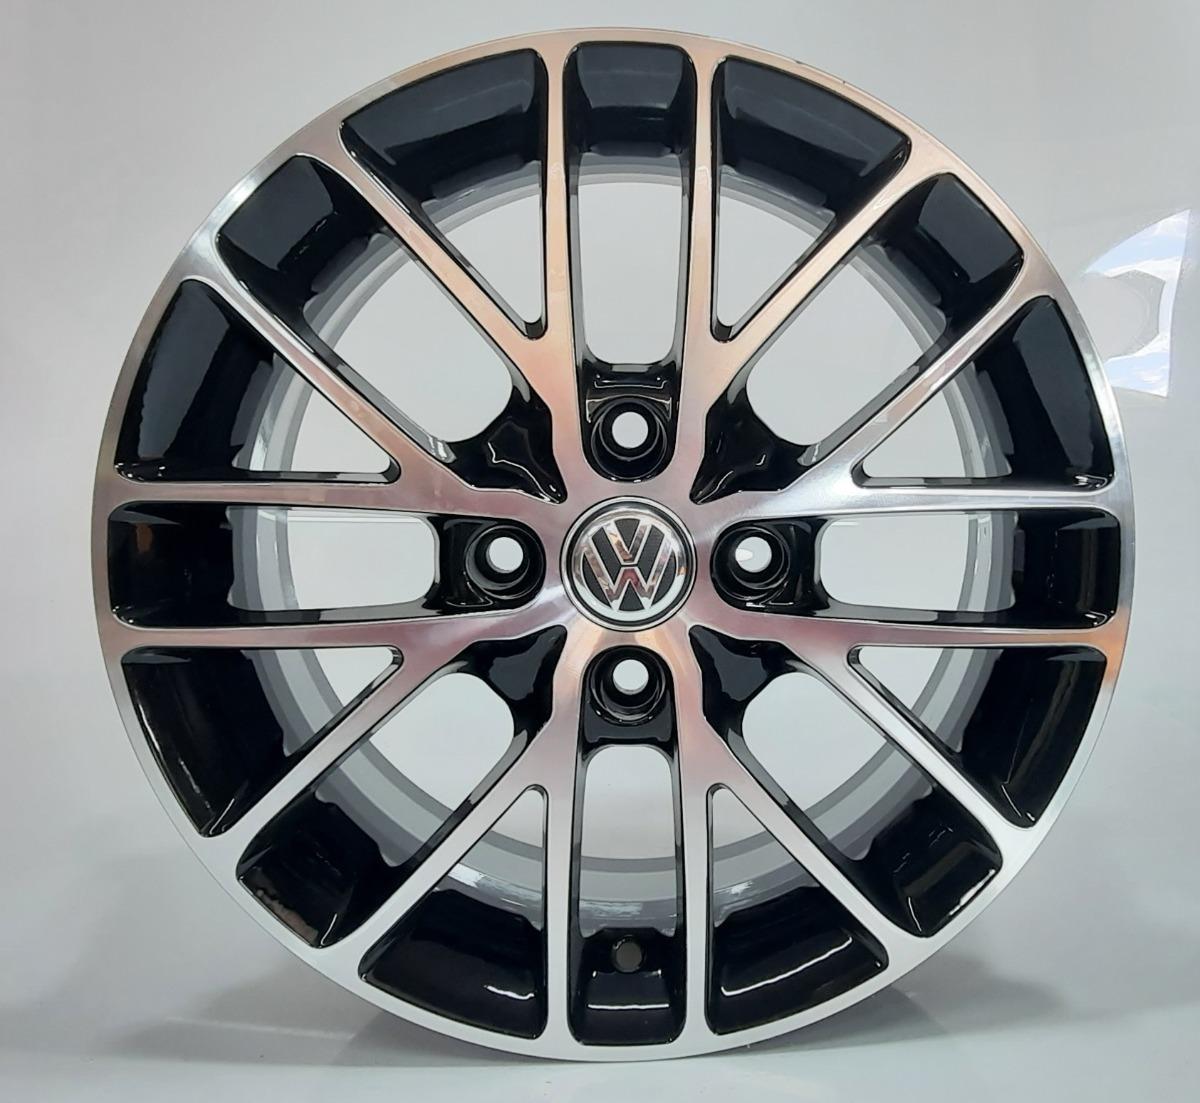 Jogo Rodas Aro15 4x100 Volkswagen Gol/ Up/ Voyage Ew 15